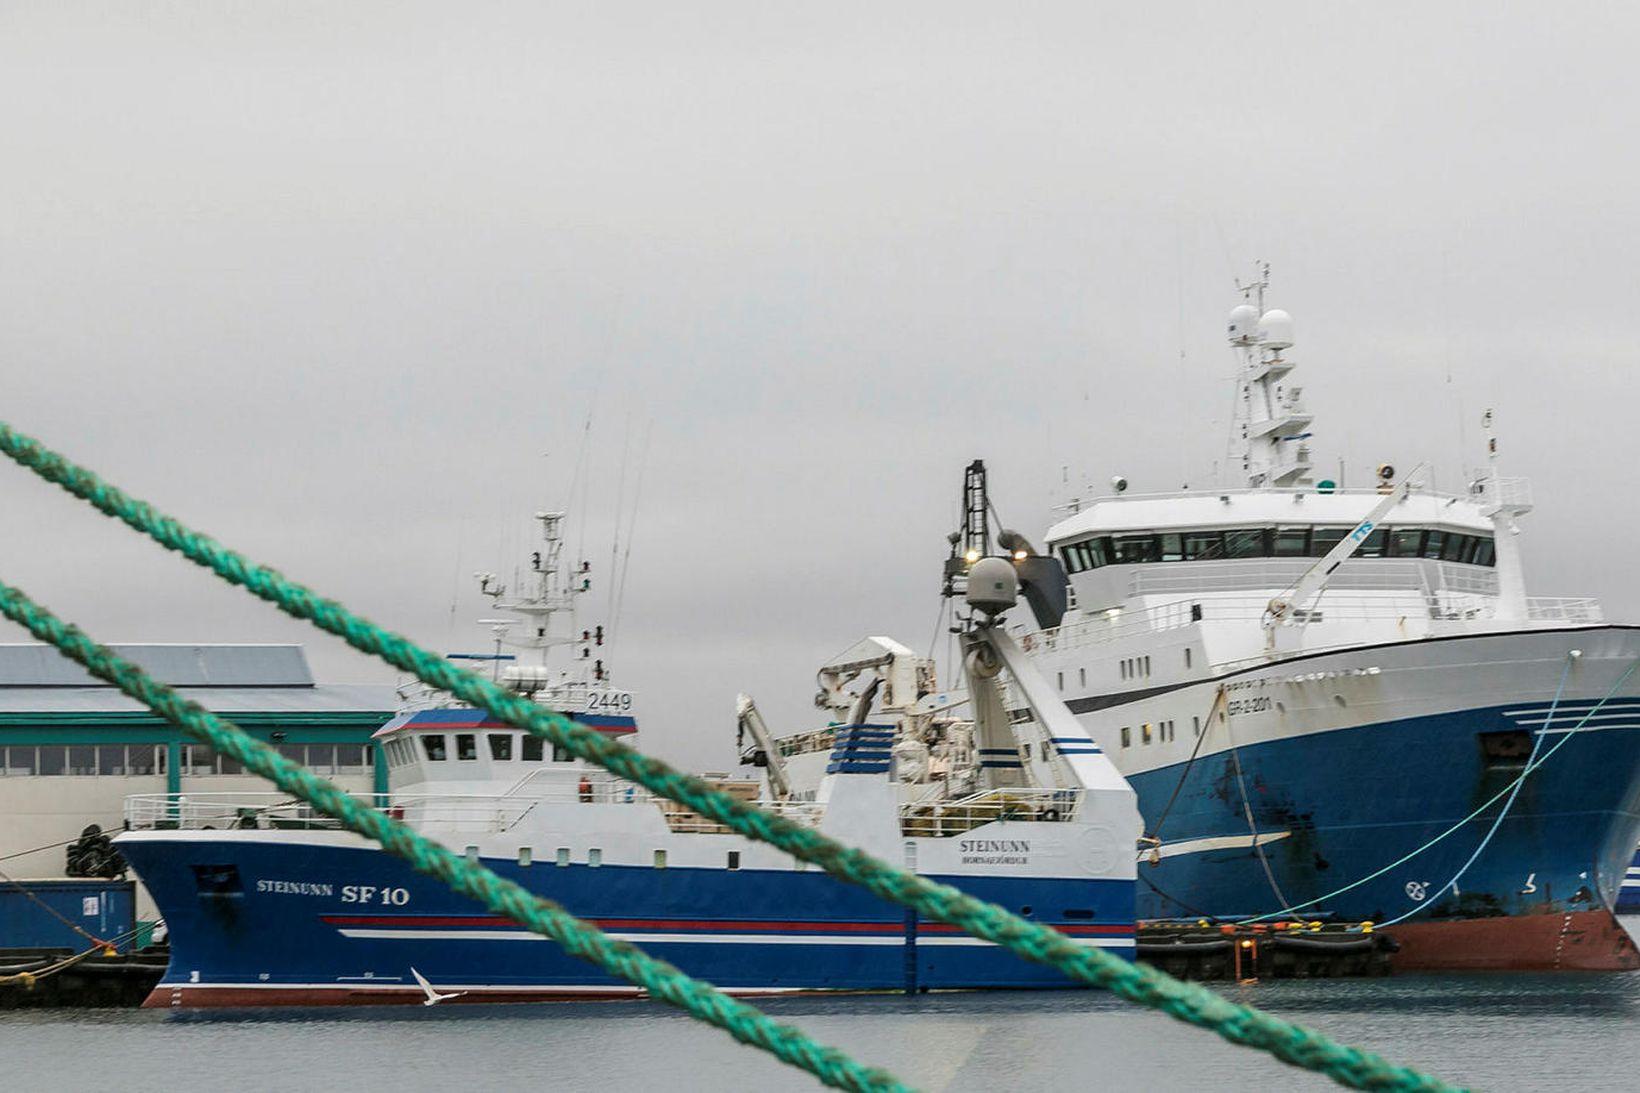 Samgöngustofa birti nýverið skipaskrá fyrir 2021. Samstening flotans hefur breyst …